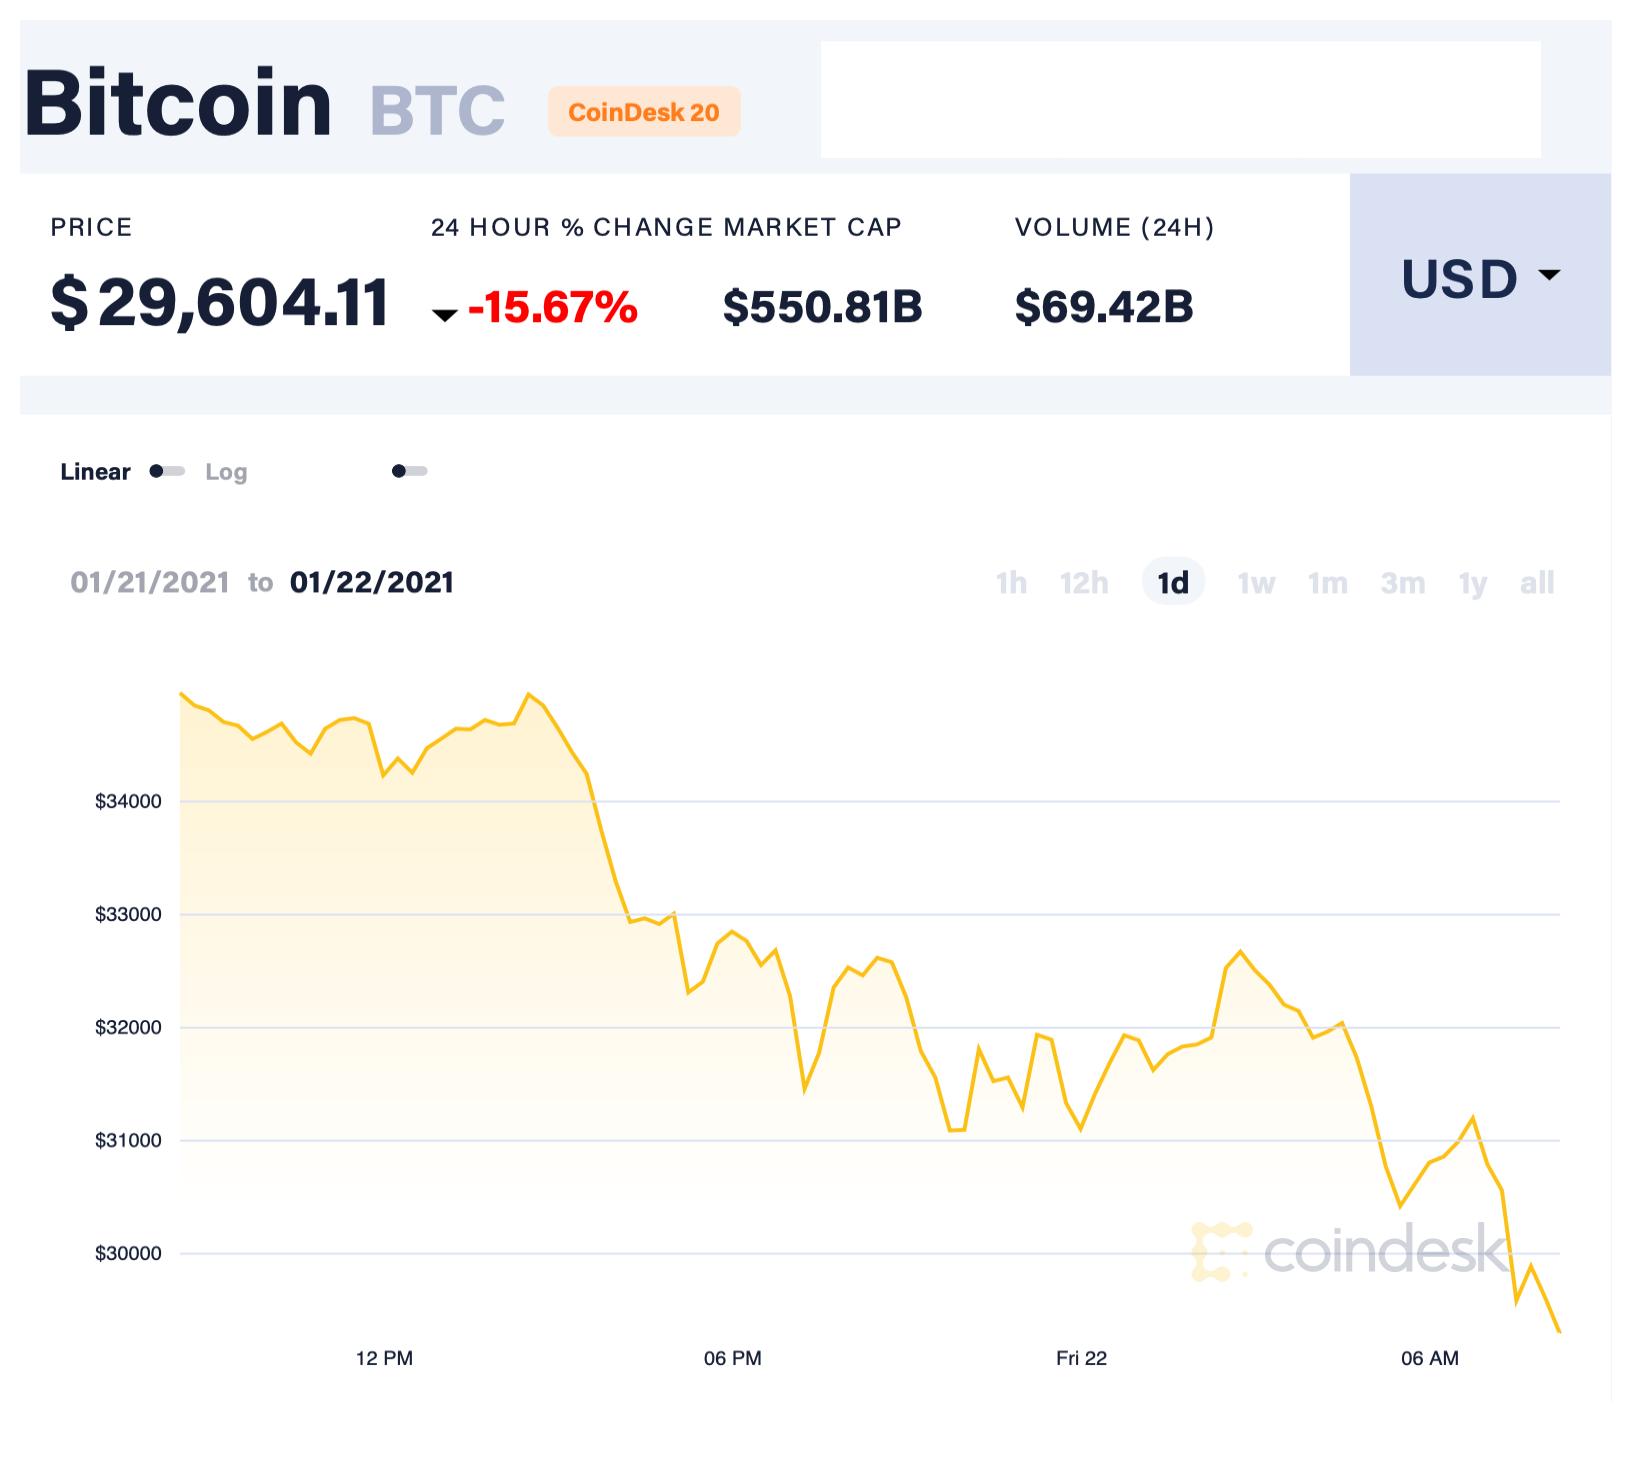 Lo sợ Biden hành động, bitcoin lao dốc mất giá hàng trăm triệu